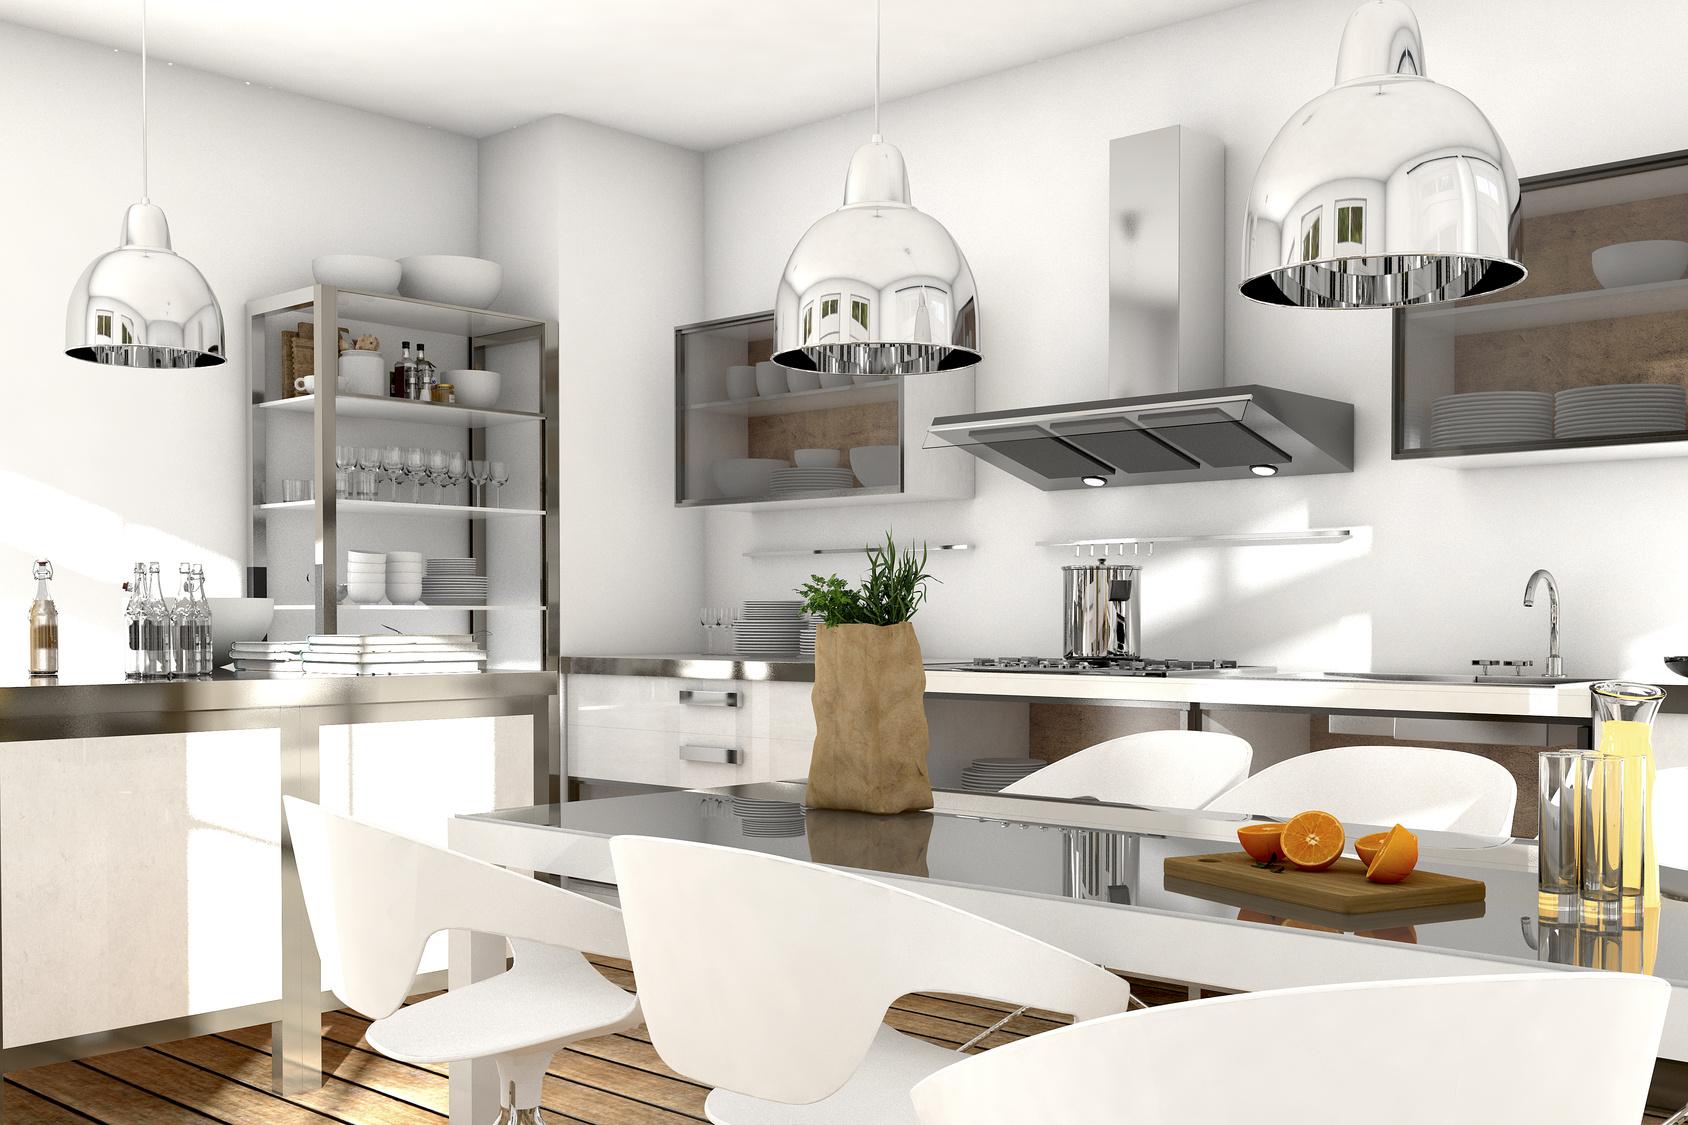 Full Size of Küche Mit Edelstahl Und Glaselementen Küche Edelstahlküche